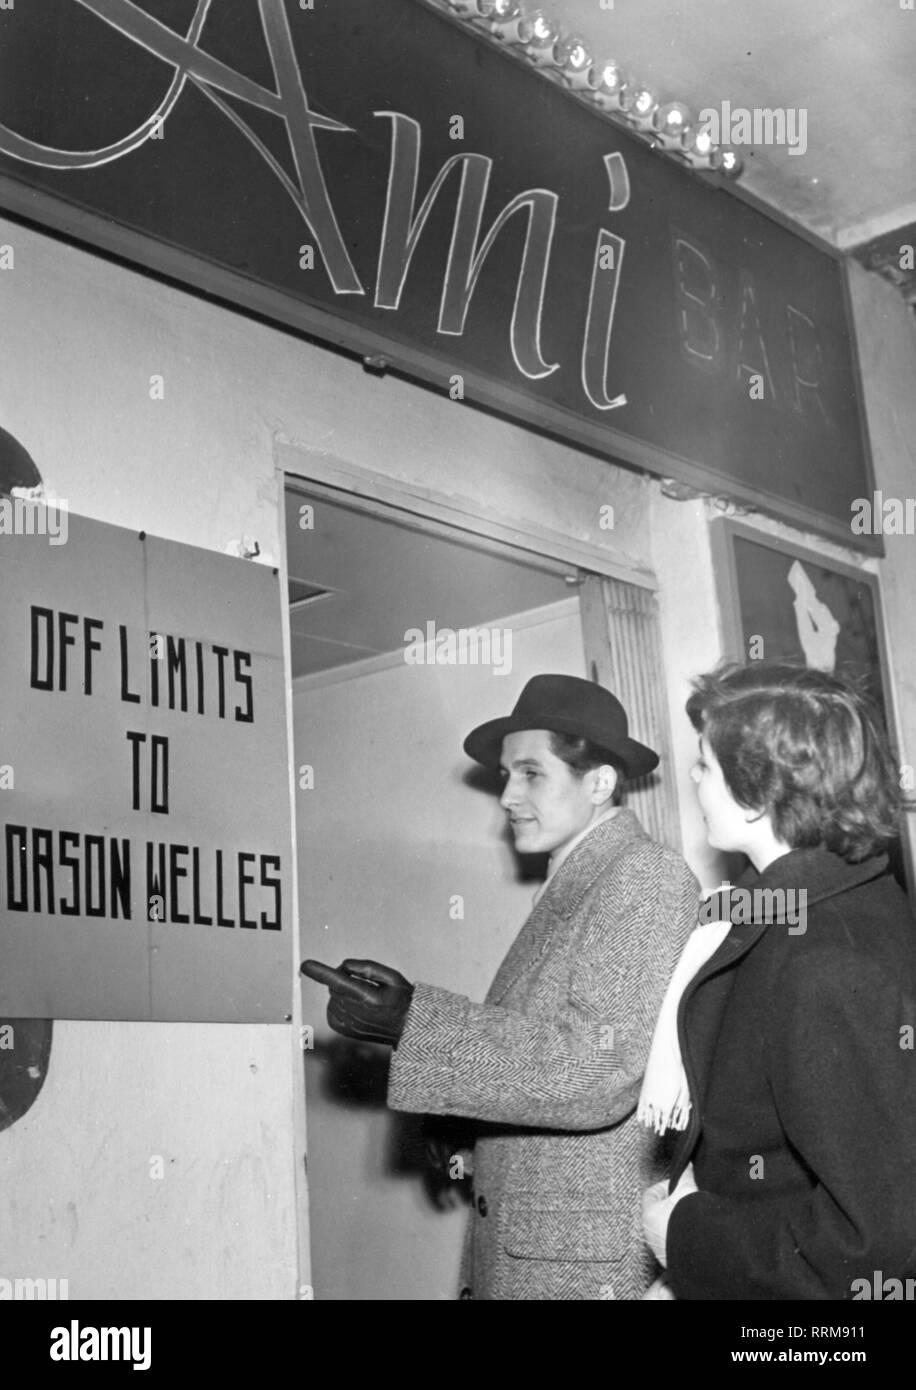 Welles, Orson, 6.5.1915 - 10.10.1985, amerikanischer Schauspieler und Regisseur, Nachtclub mit Verbotsschild nach abfällige Bemerkungen über Berlin Nachtclubs, Berlin, November 1950 - Additional-Rights Clearance-Info - Not-Available Stockbild